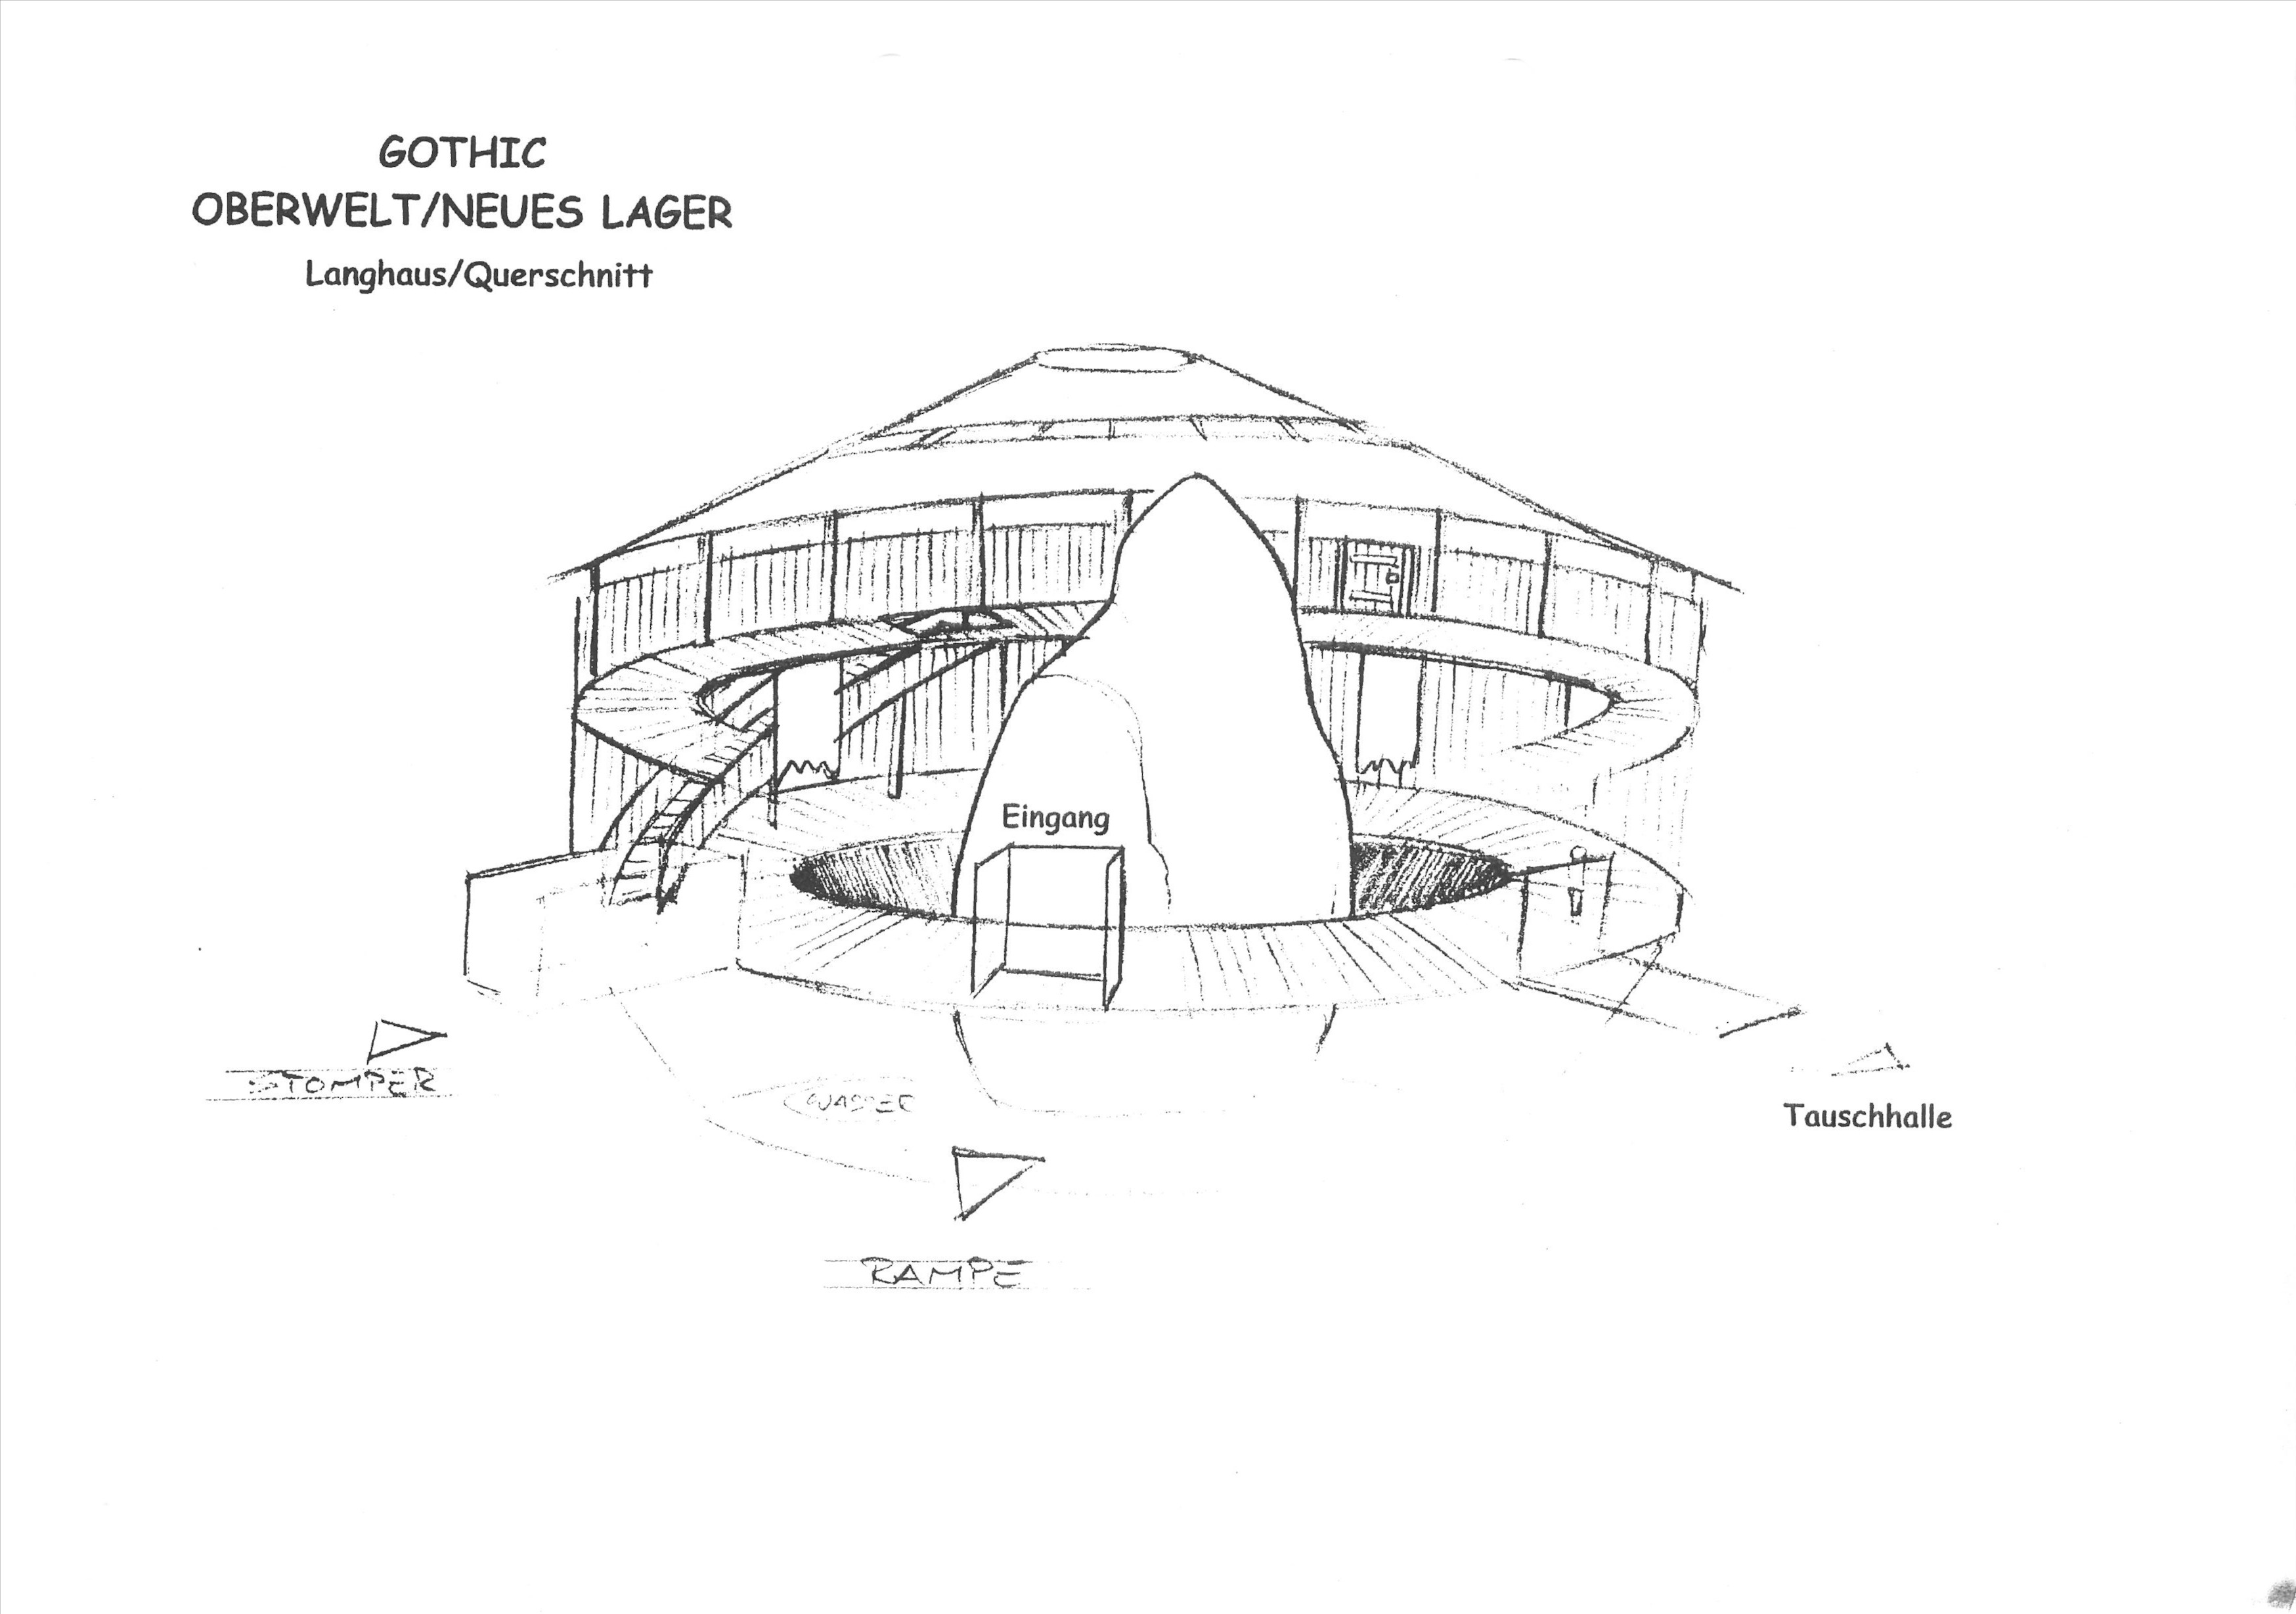 Neues Lager - Langhaus V2 - Querschnitt